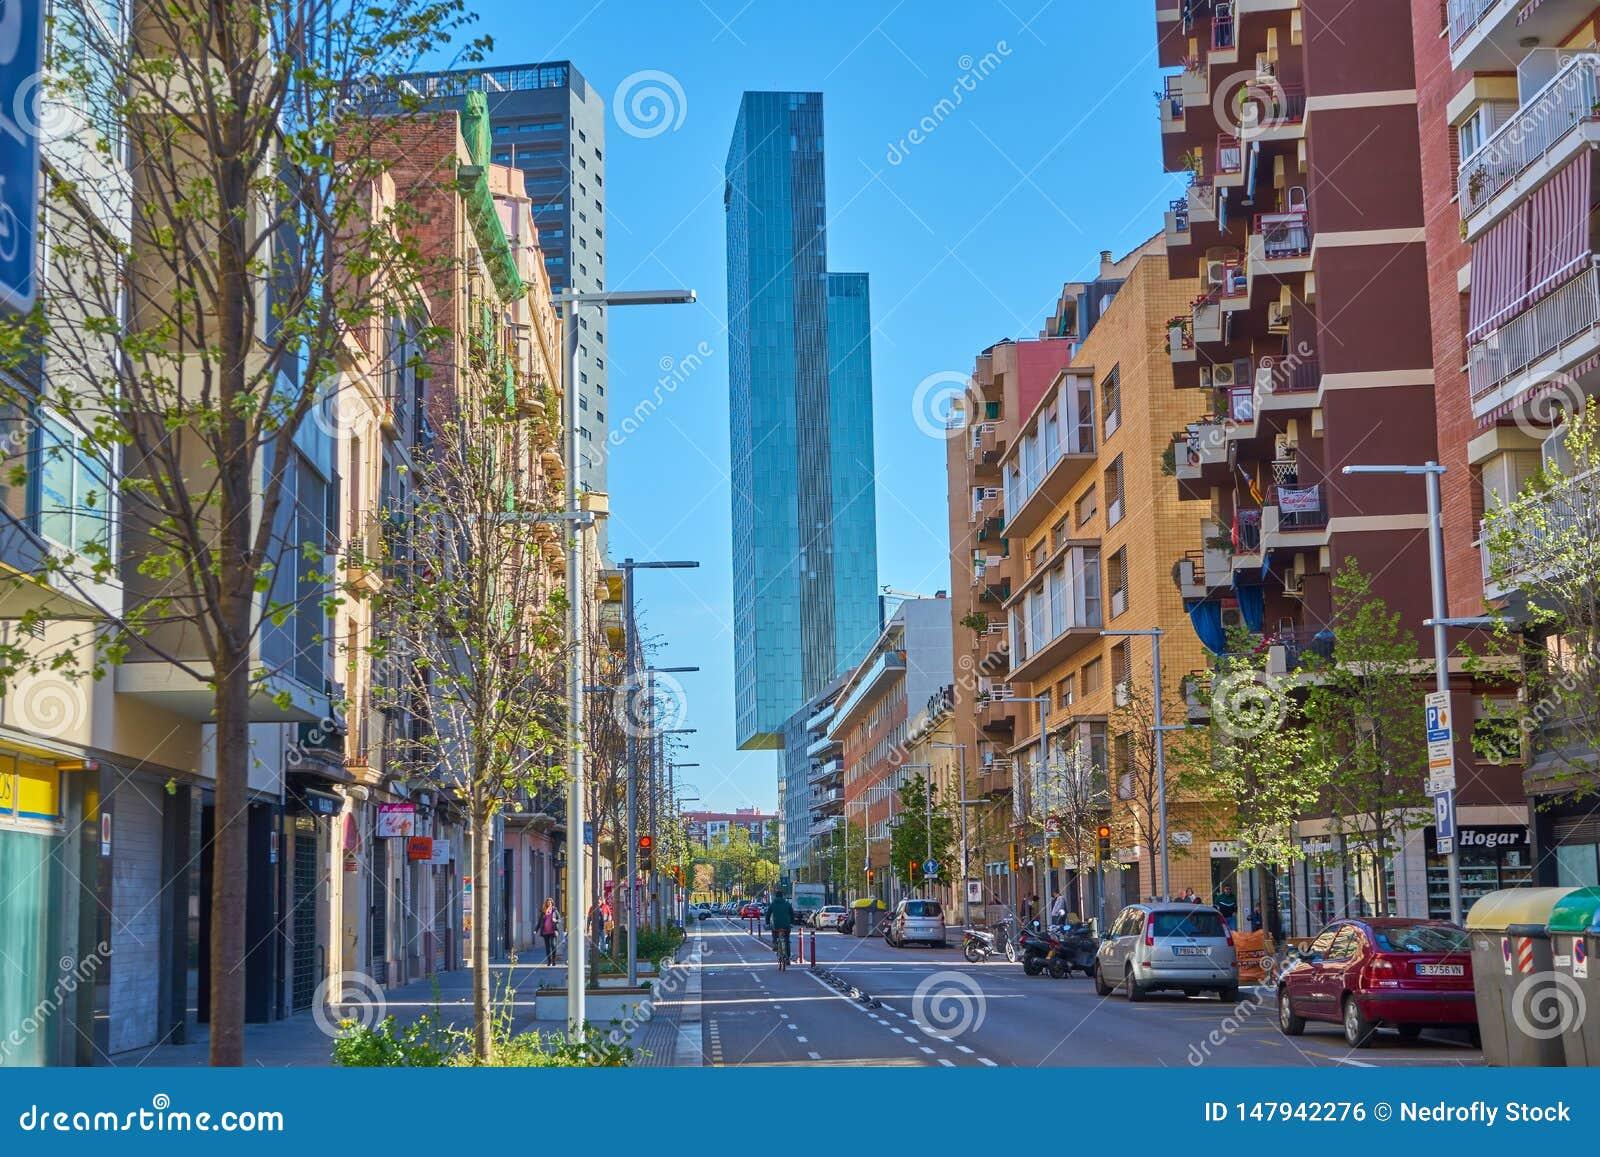 Βαρκελώνη, Ισπανία - 7 Απριλίου 2019: Κτήρια της Βαρκελώνης, Ισπανία